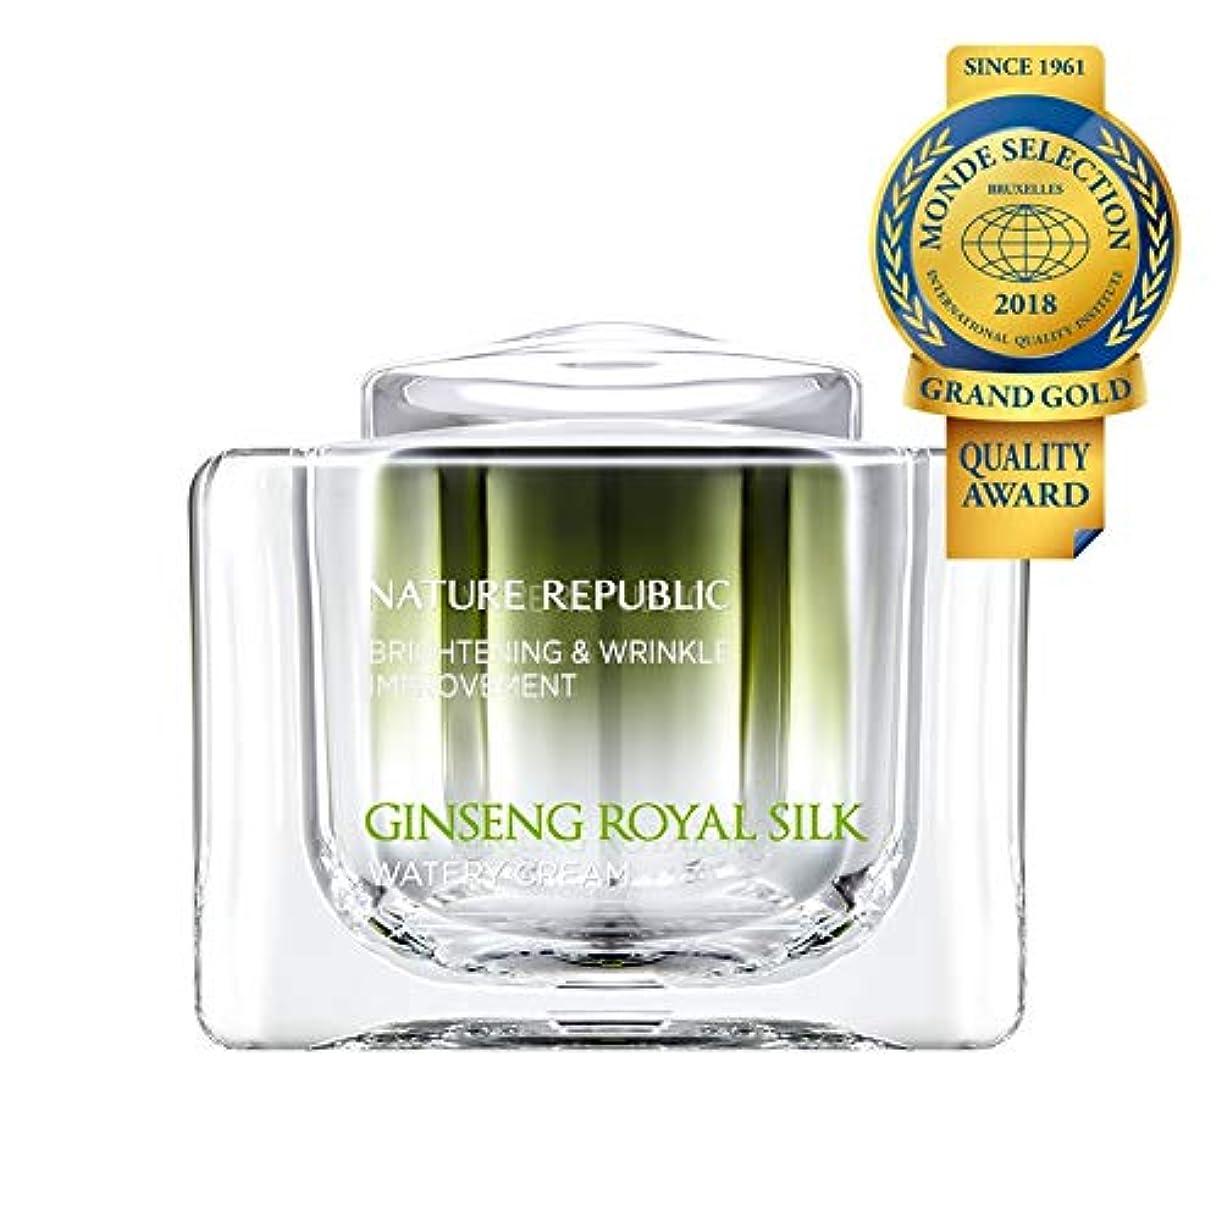 アフリカ人でるプレビスサイトネイチャーリパブリック(Nature Republic)ジンセンロイヤルシルクウォーターリークリーム 60g / Ginseng Royal Silk Watery Cream 60g :: 韓国コスメ [並行輸入品]